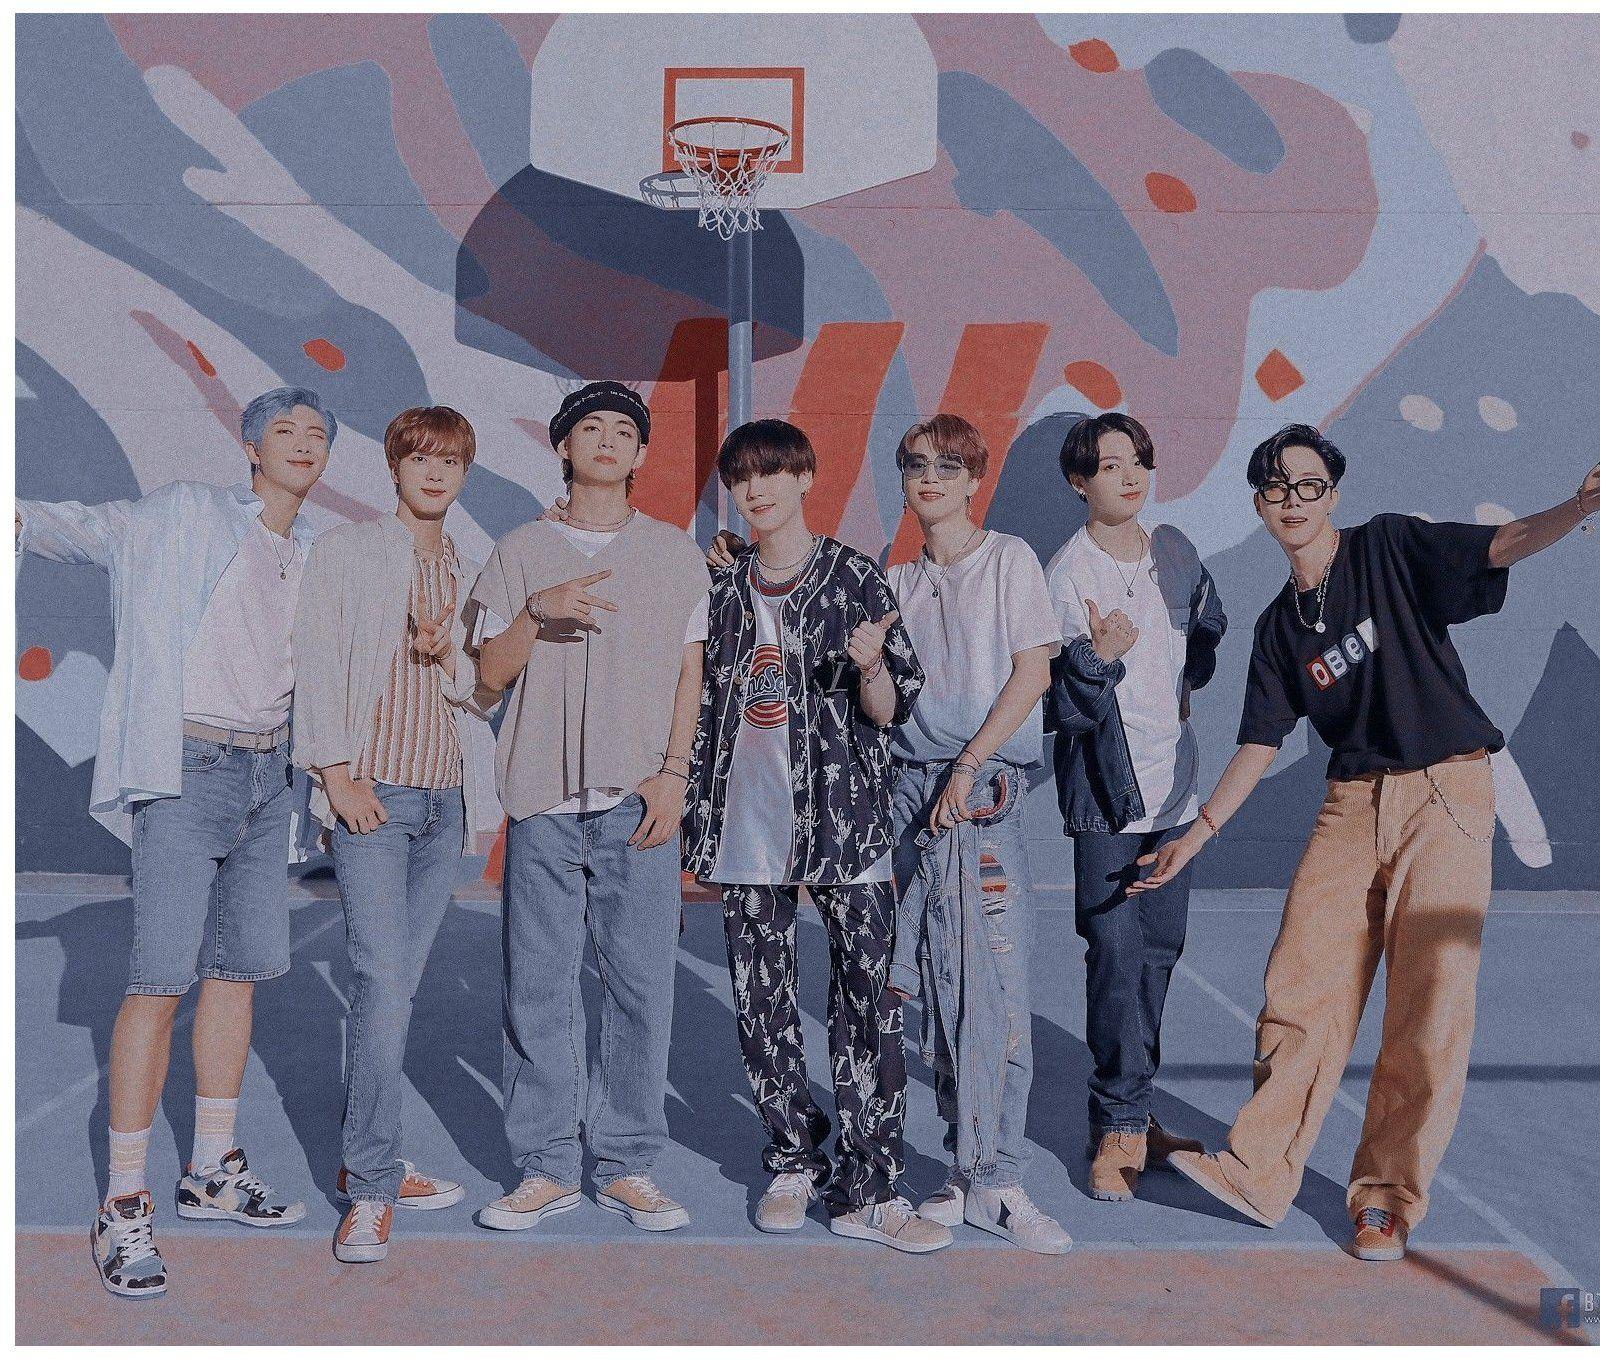 Bts aesthetic group wallpaper